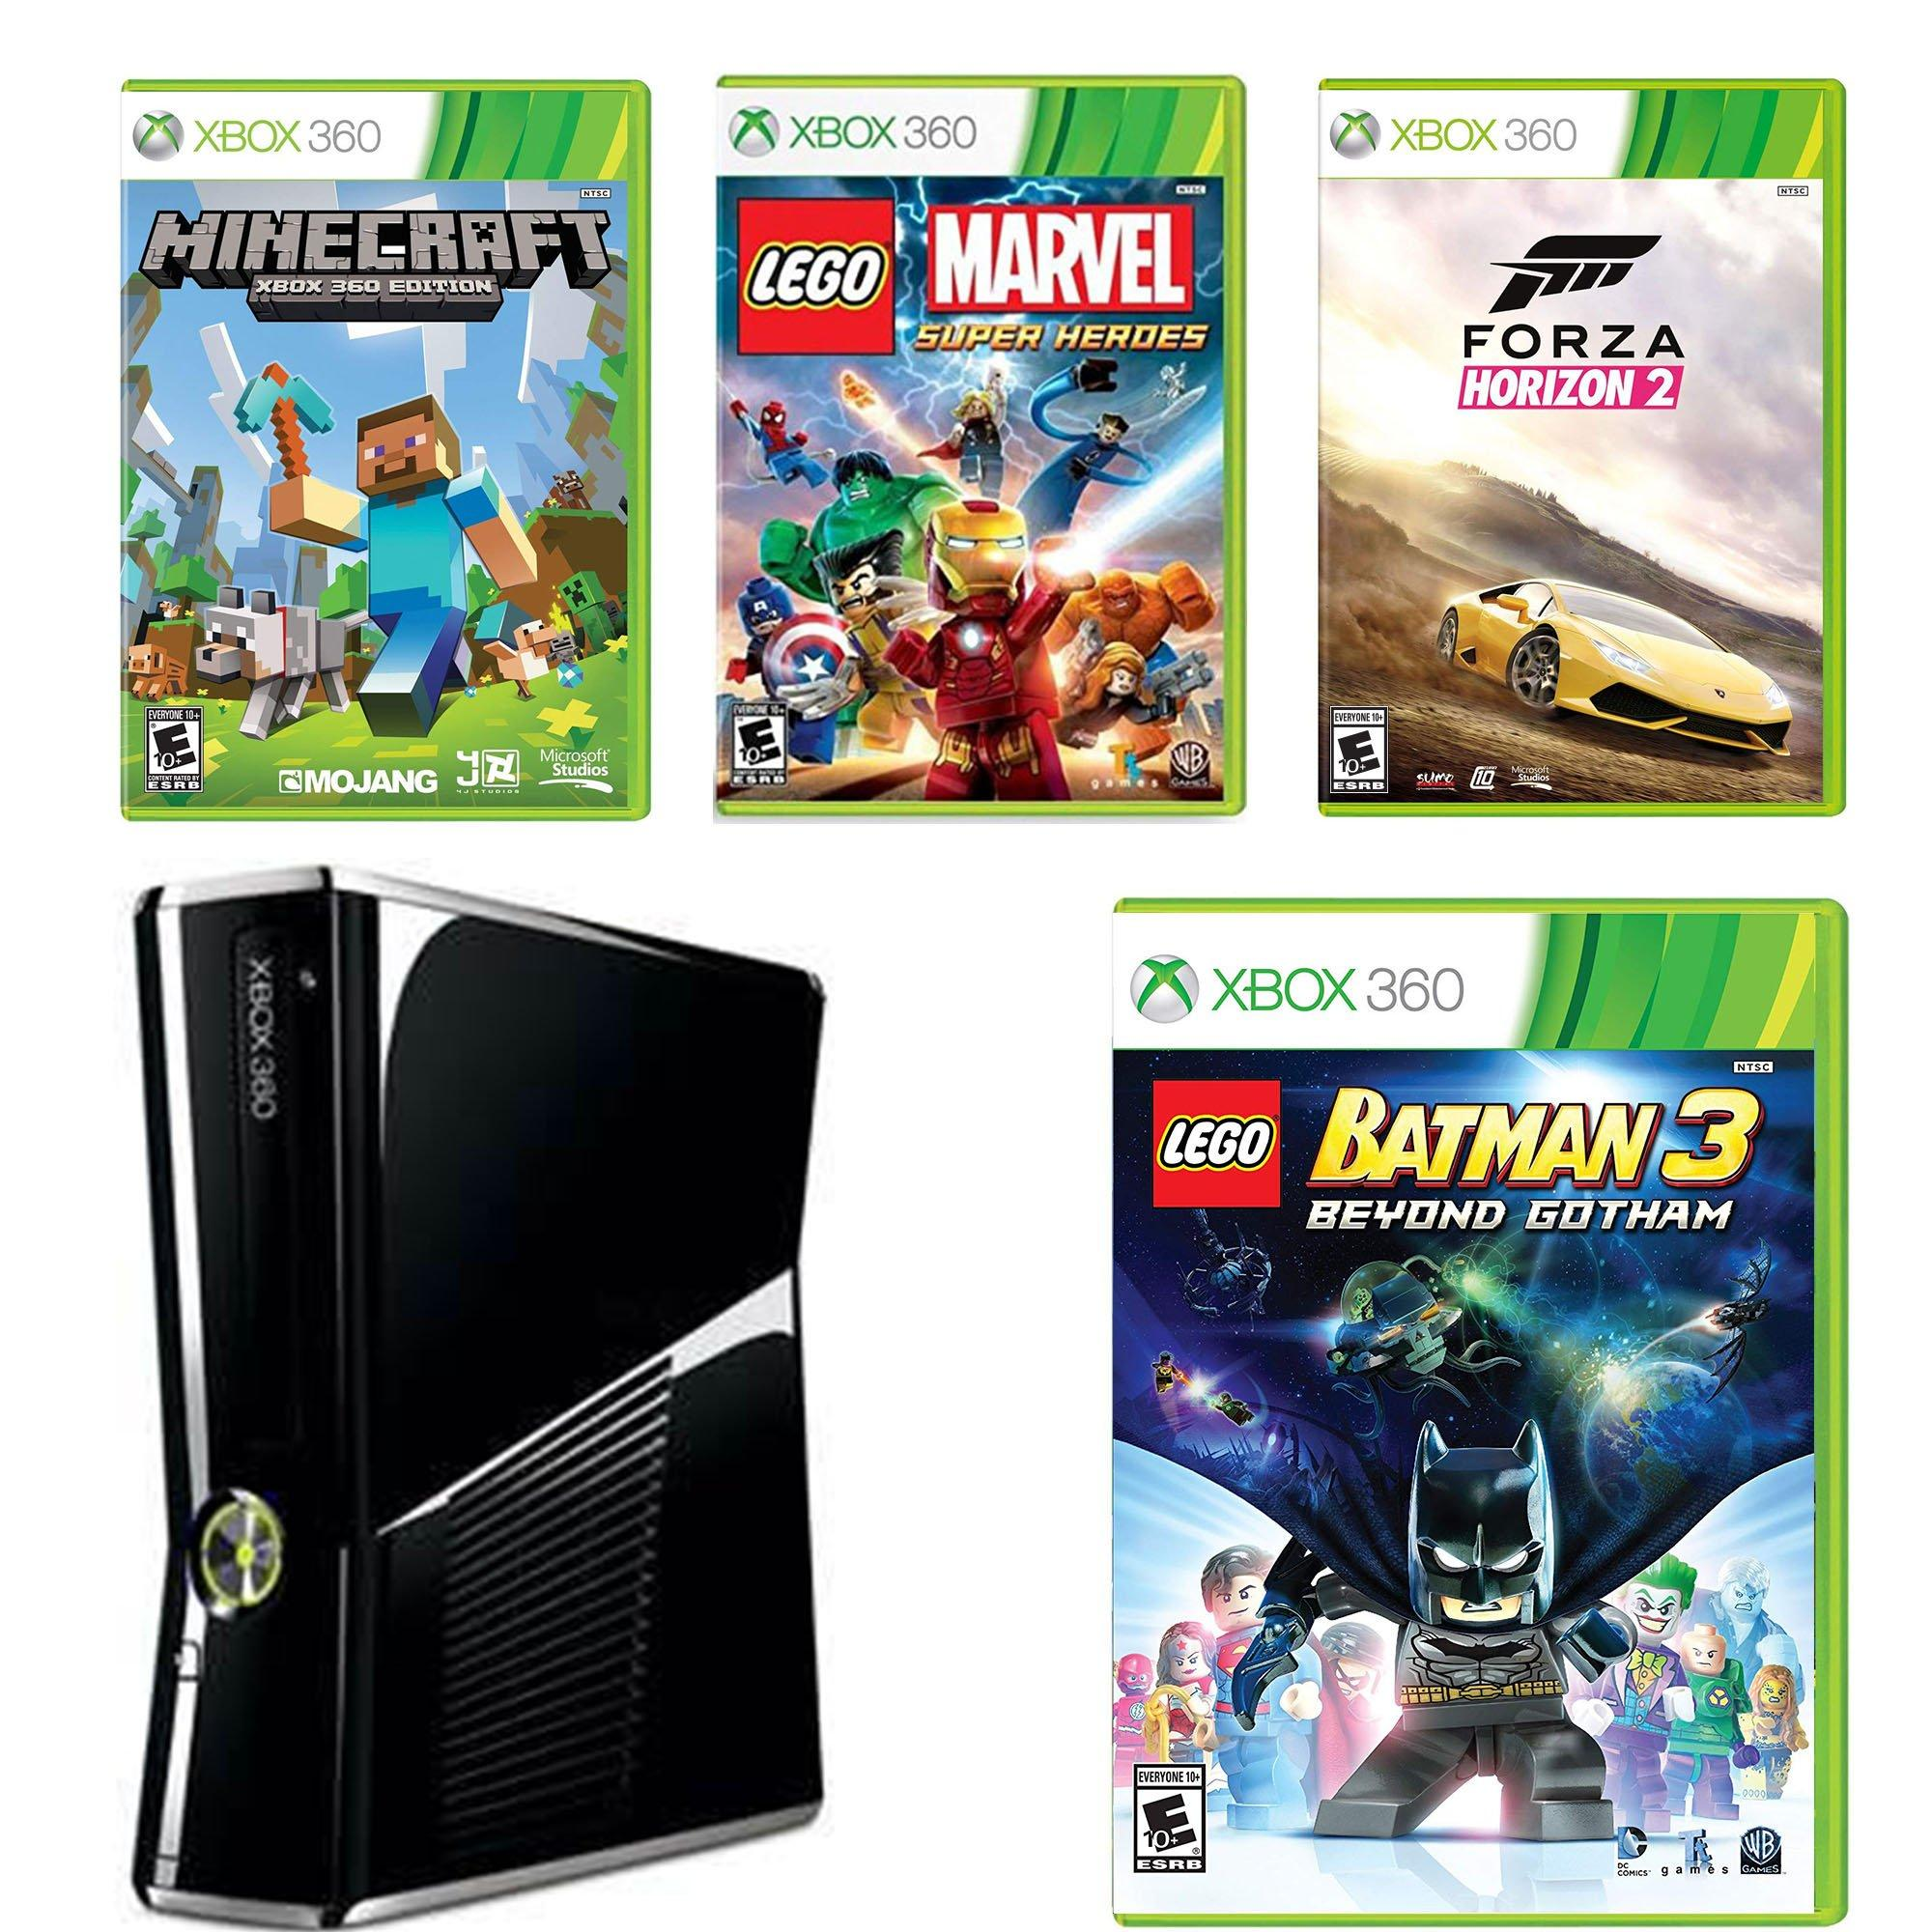 Xbox 360 Consoles Gamestop